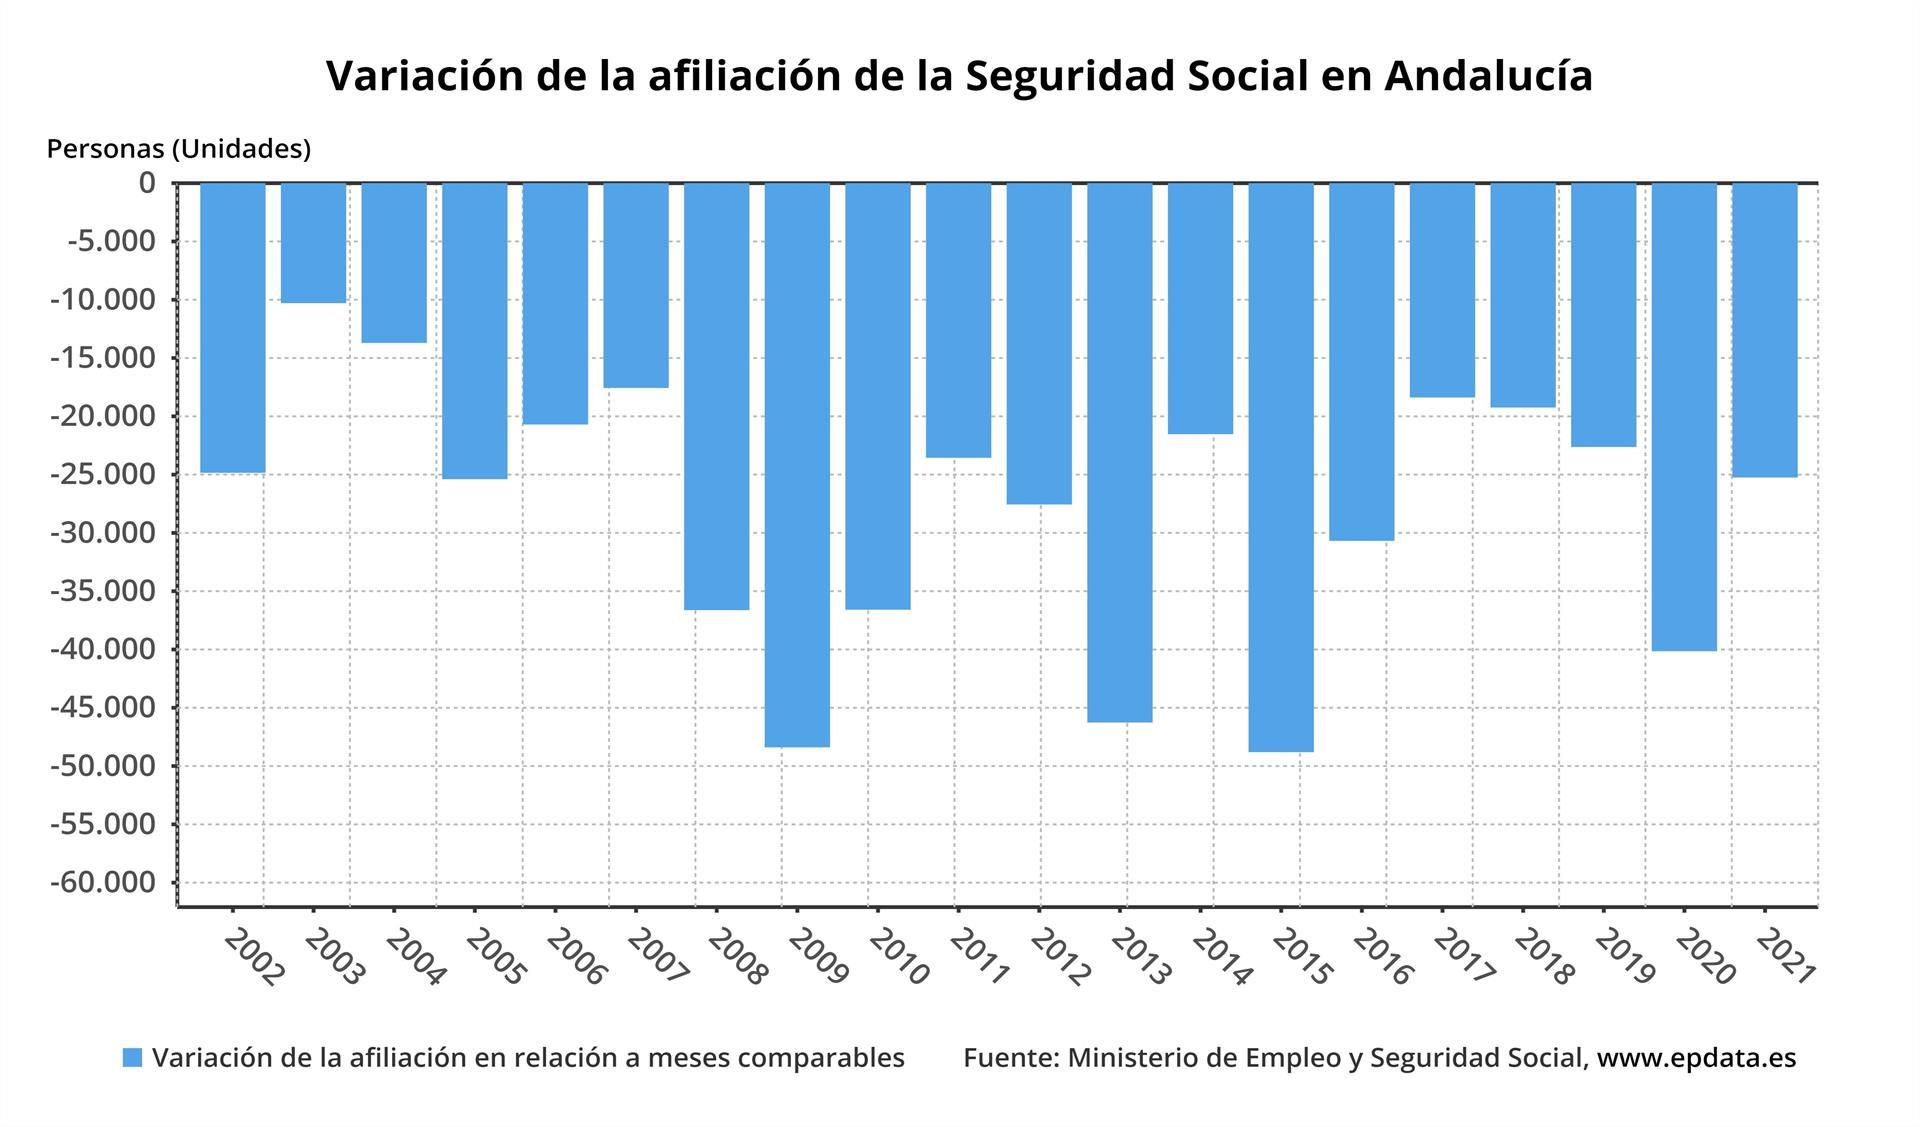 La Seguridad Social pierde 25.247 afiliados en enero en Andalucía y alcanza los 3.099.107 ocupados